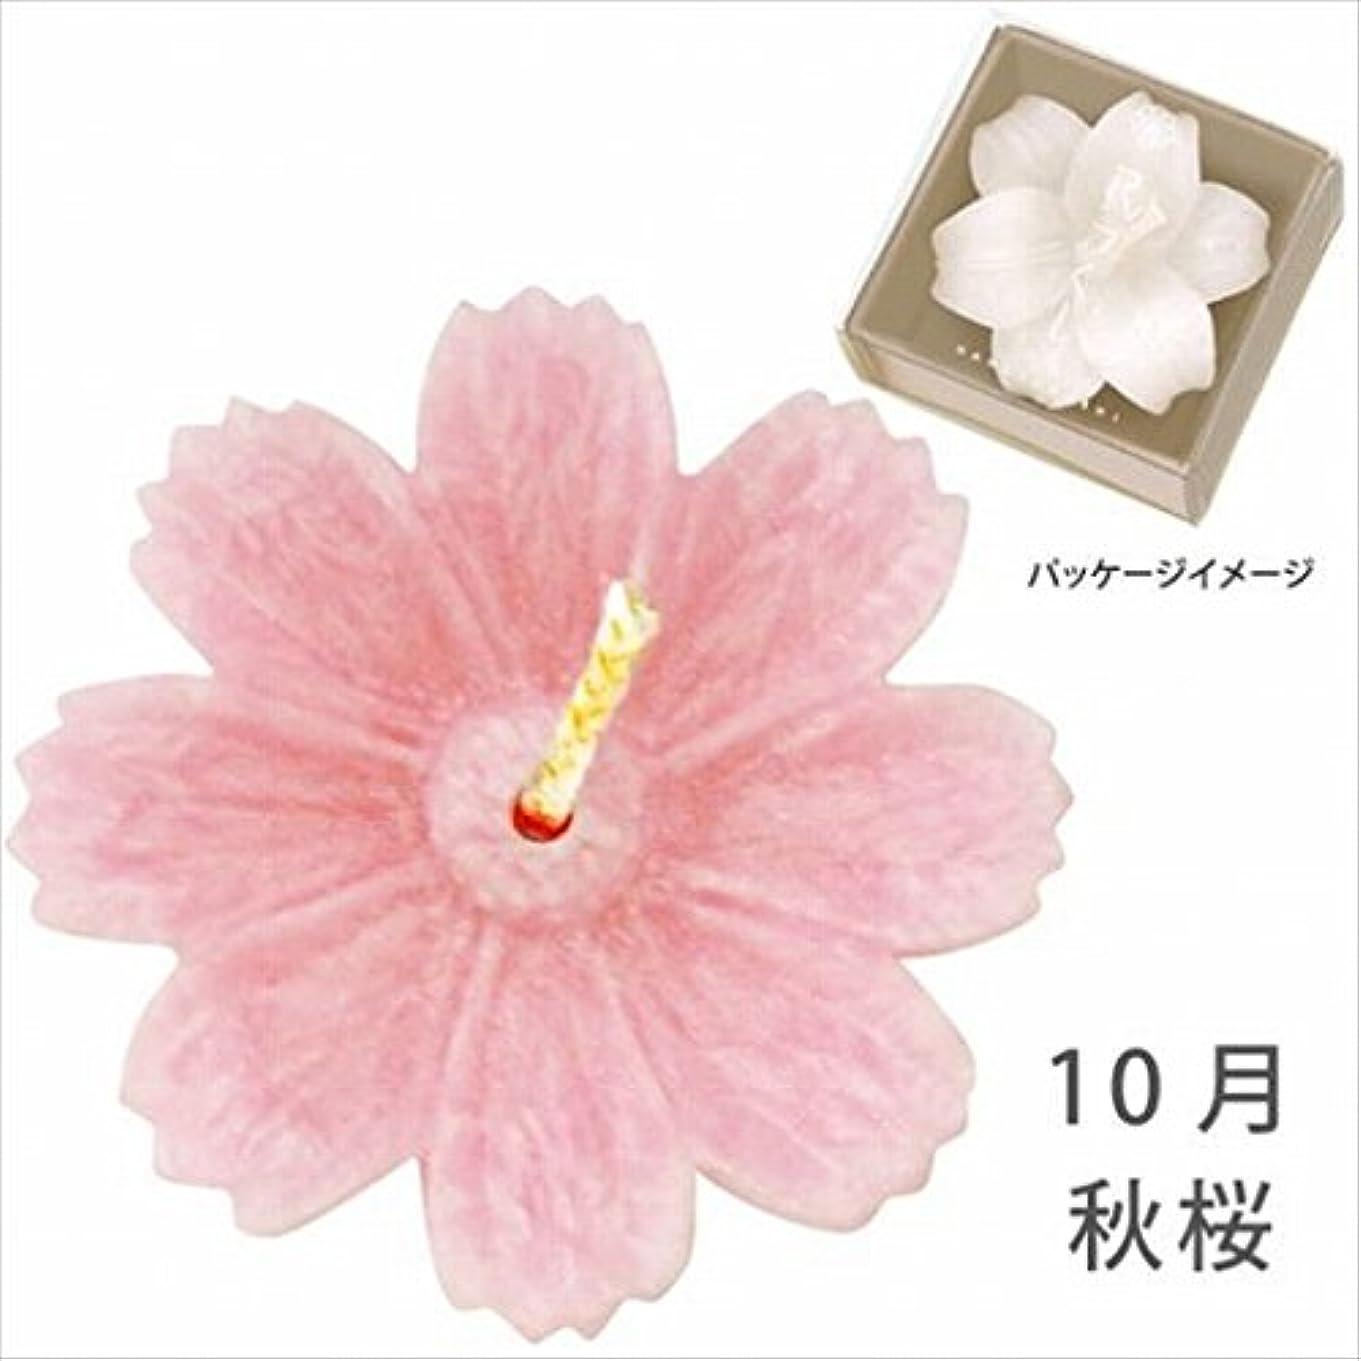 アンソロジーだます同級生カメヤマキャンドル(kameyama candle) 花づくし(植物性) 秋桜 「 秋桜(10月) 」 キャンドル